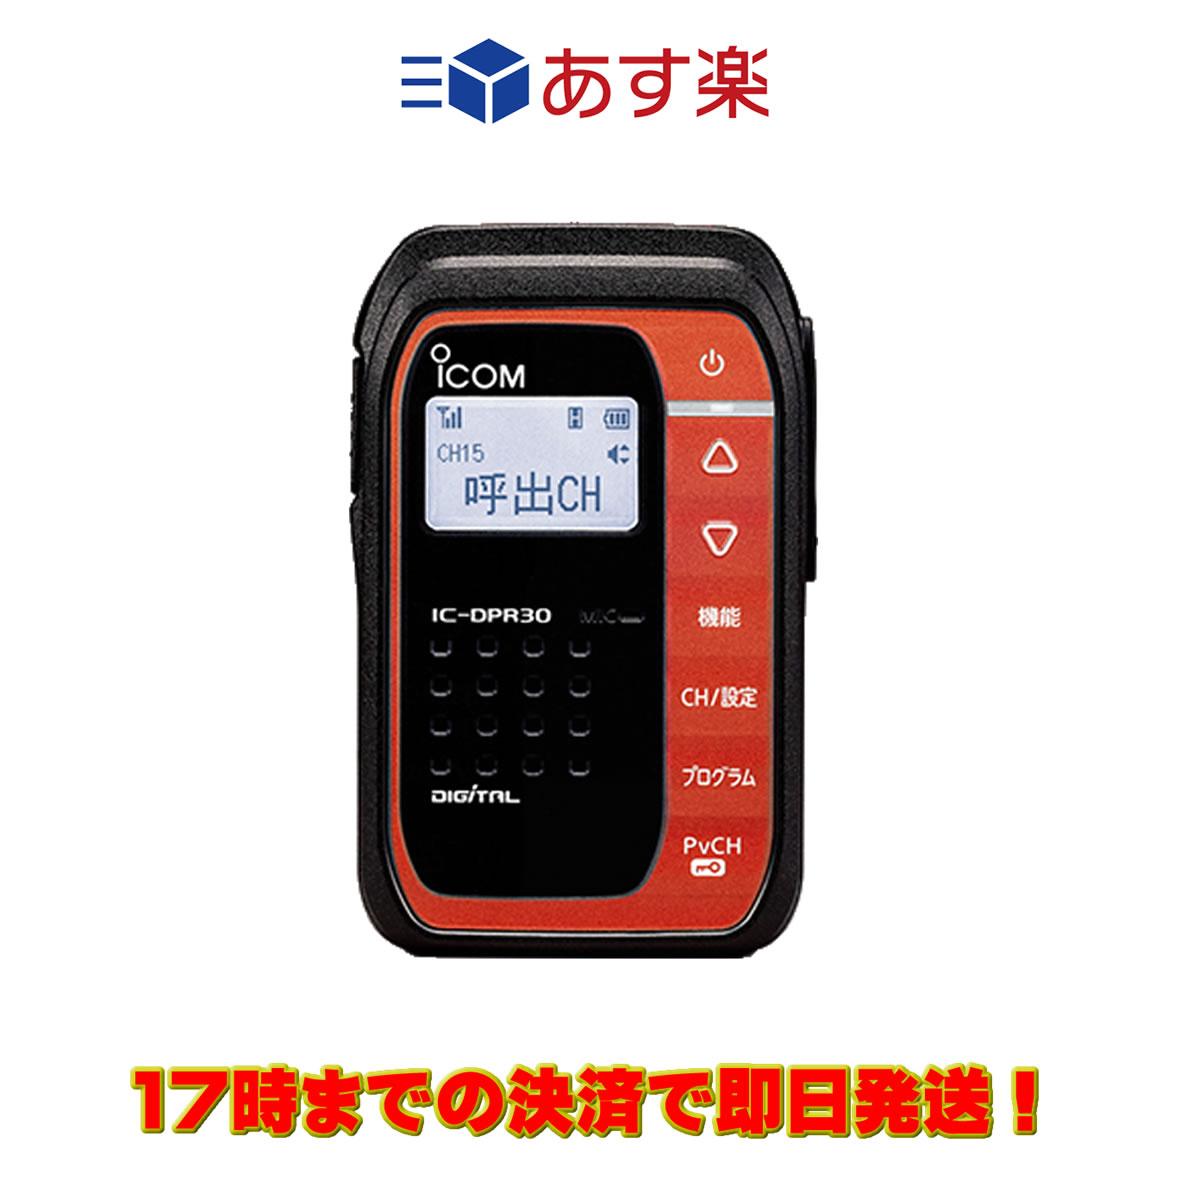 IC-DPR30(RED) メタリックレッド アイコム 携帯型デジタルトランシーバー